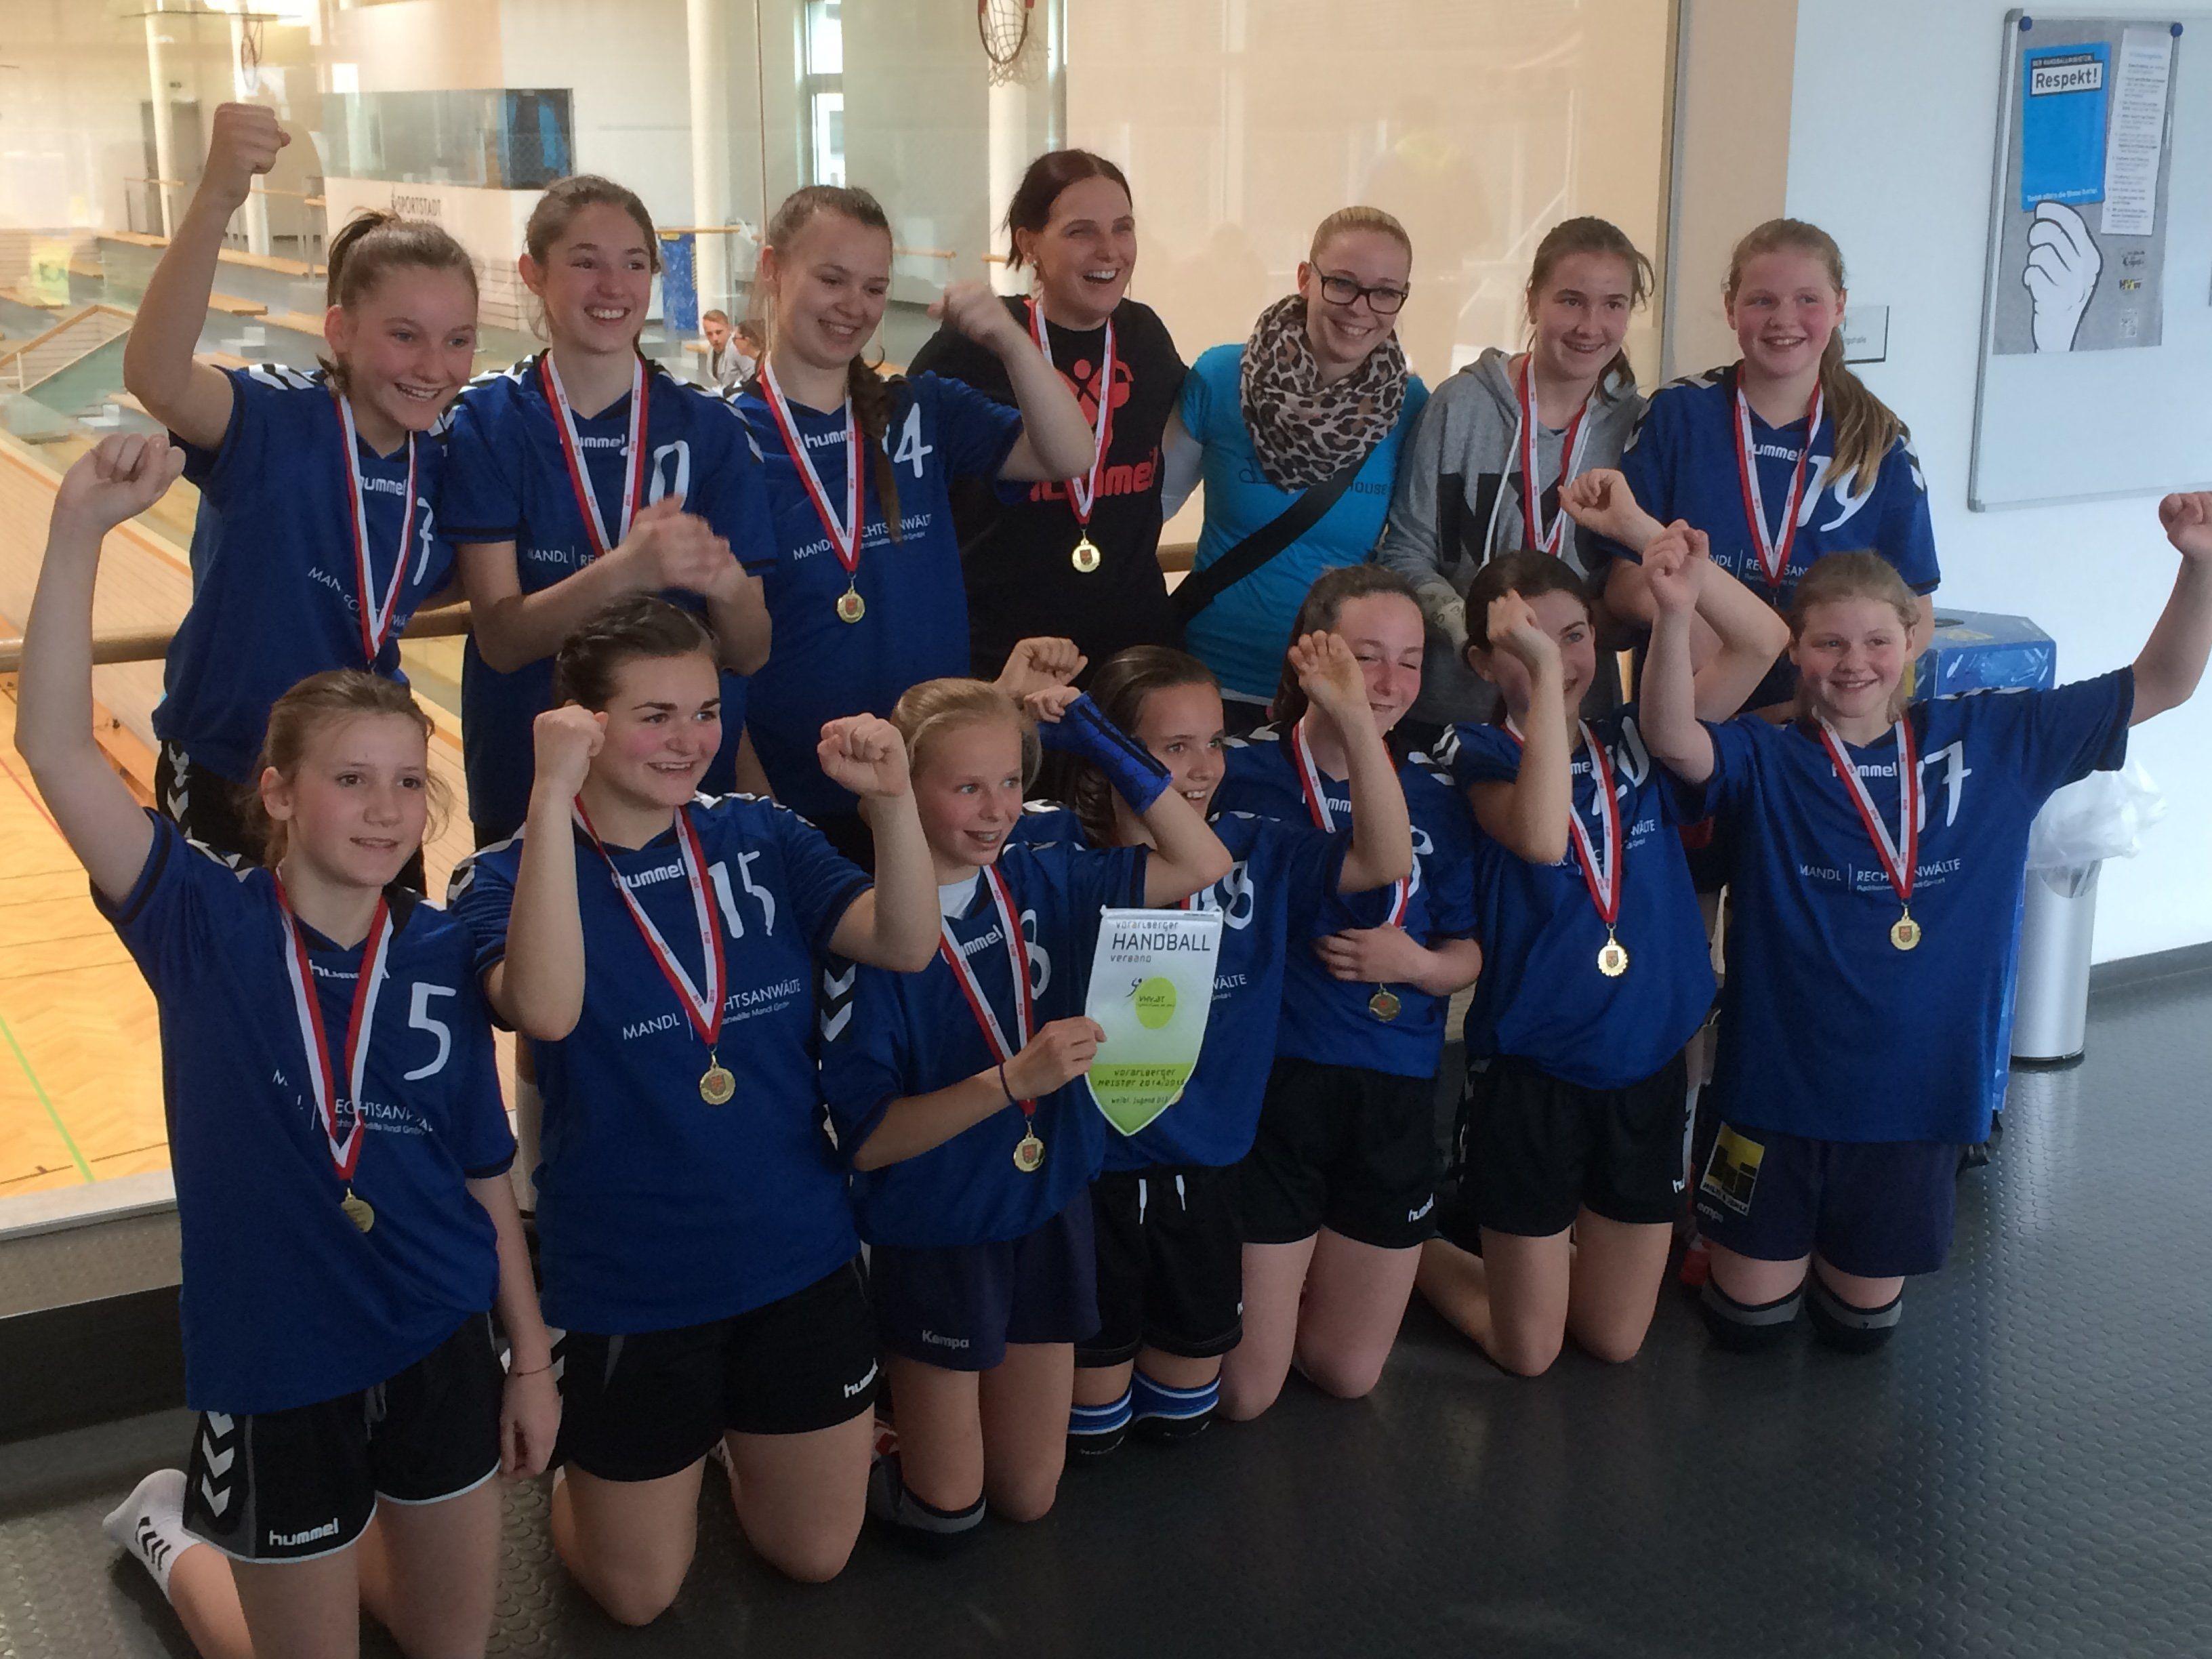 Zwei Landesmeistertitel für die Feldkircher Handballjugend